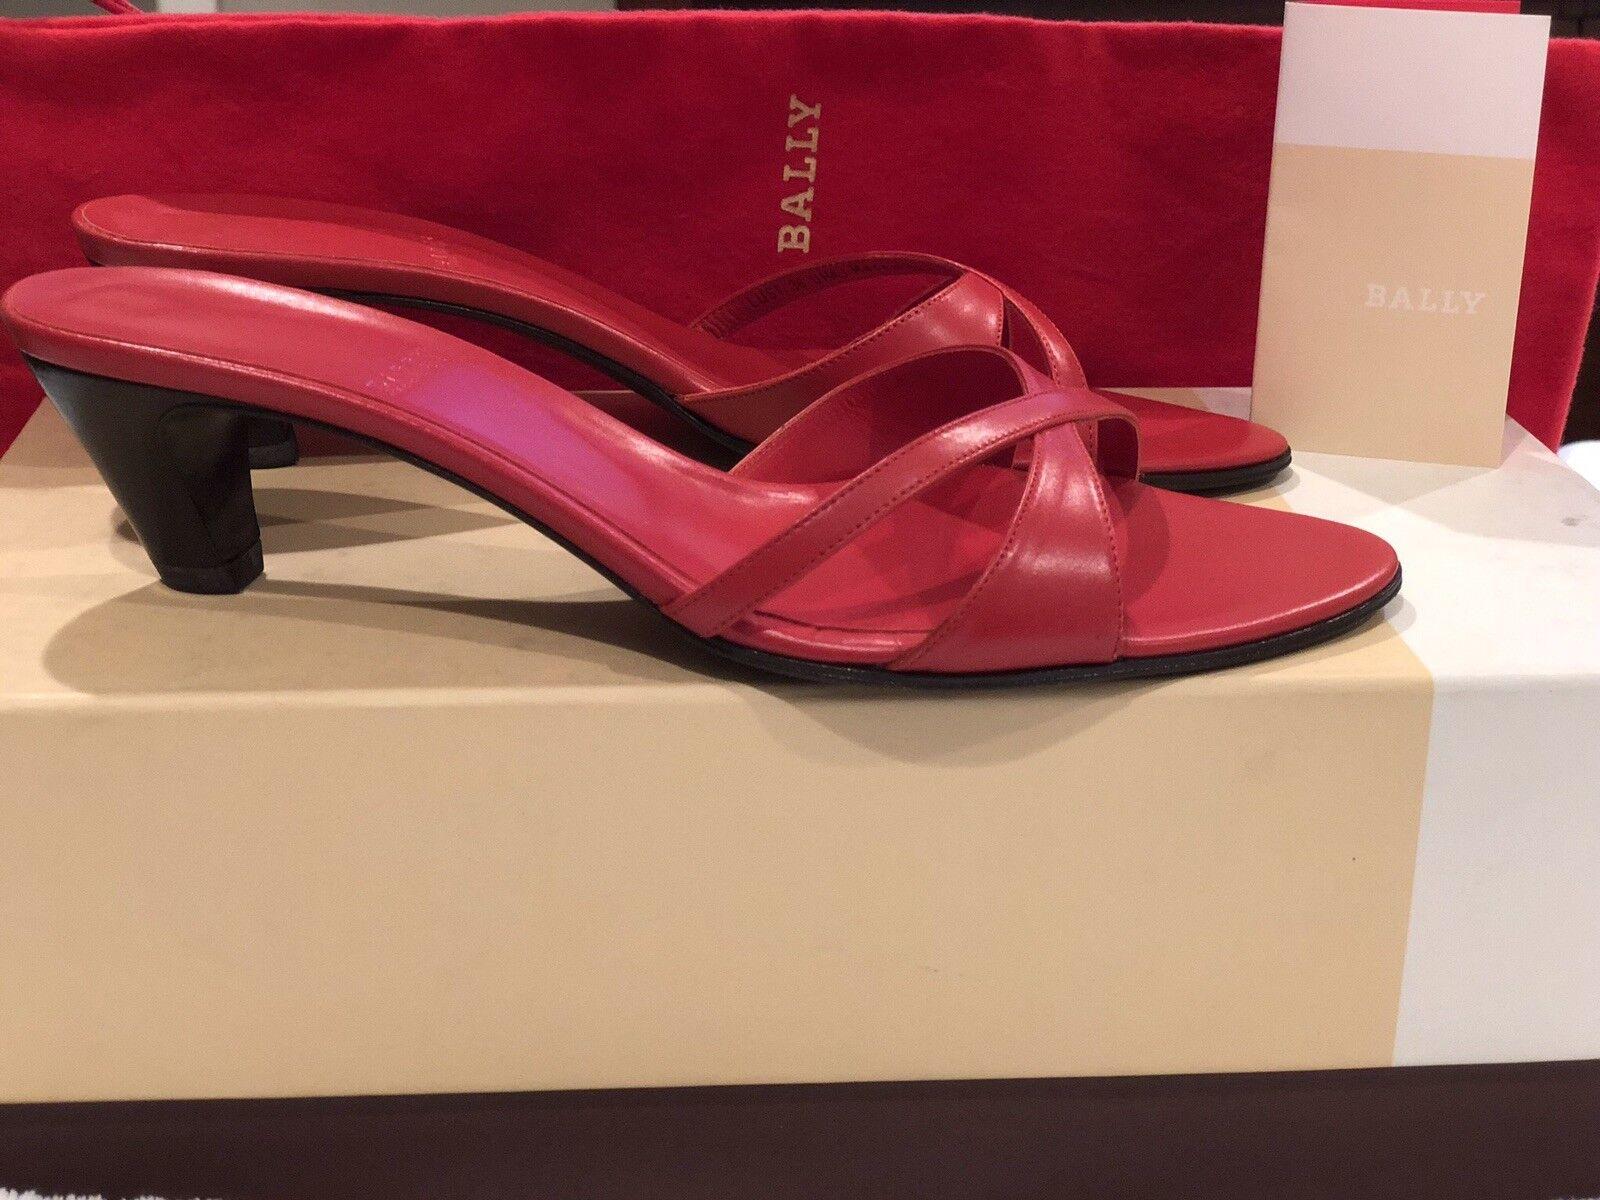 New NIB BALLY Red shoes Mules Heels EU 36   US 5.5 B  350 Riva Sandal